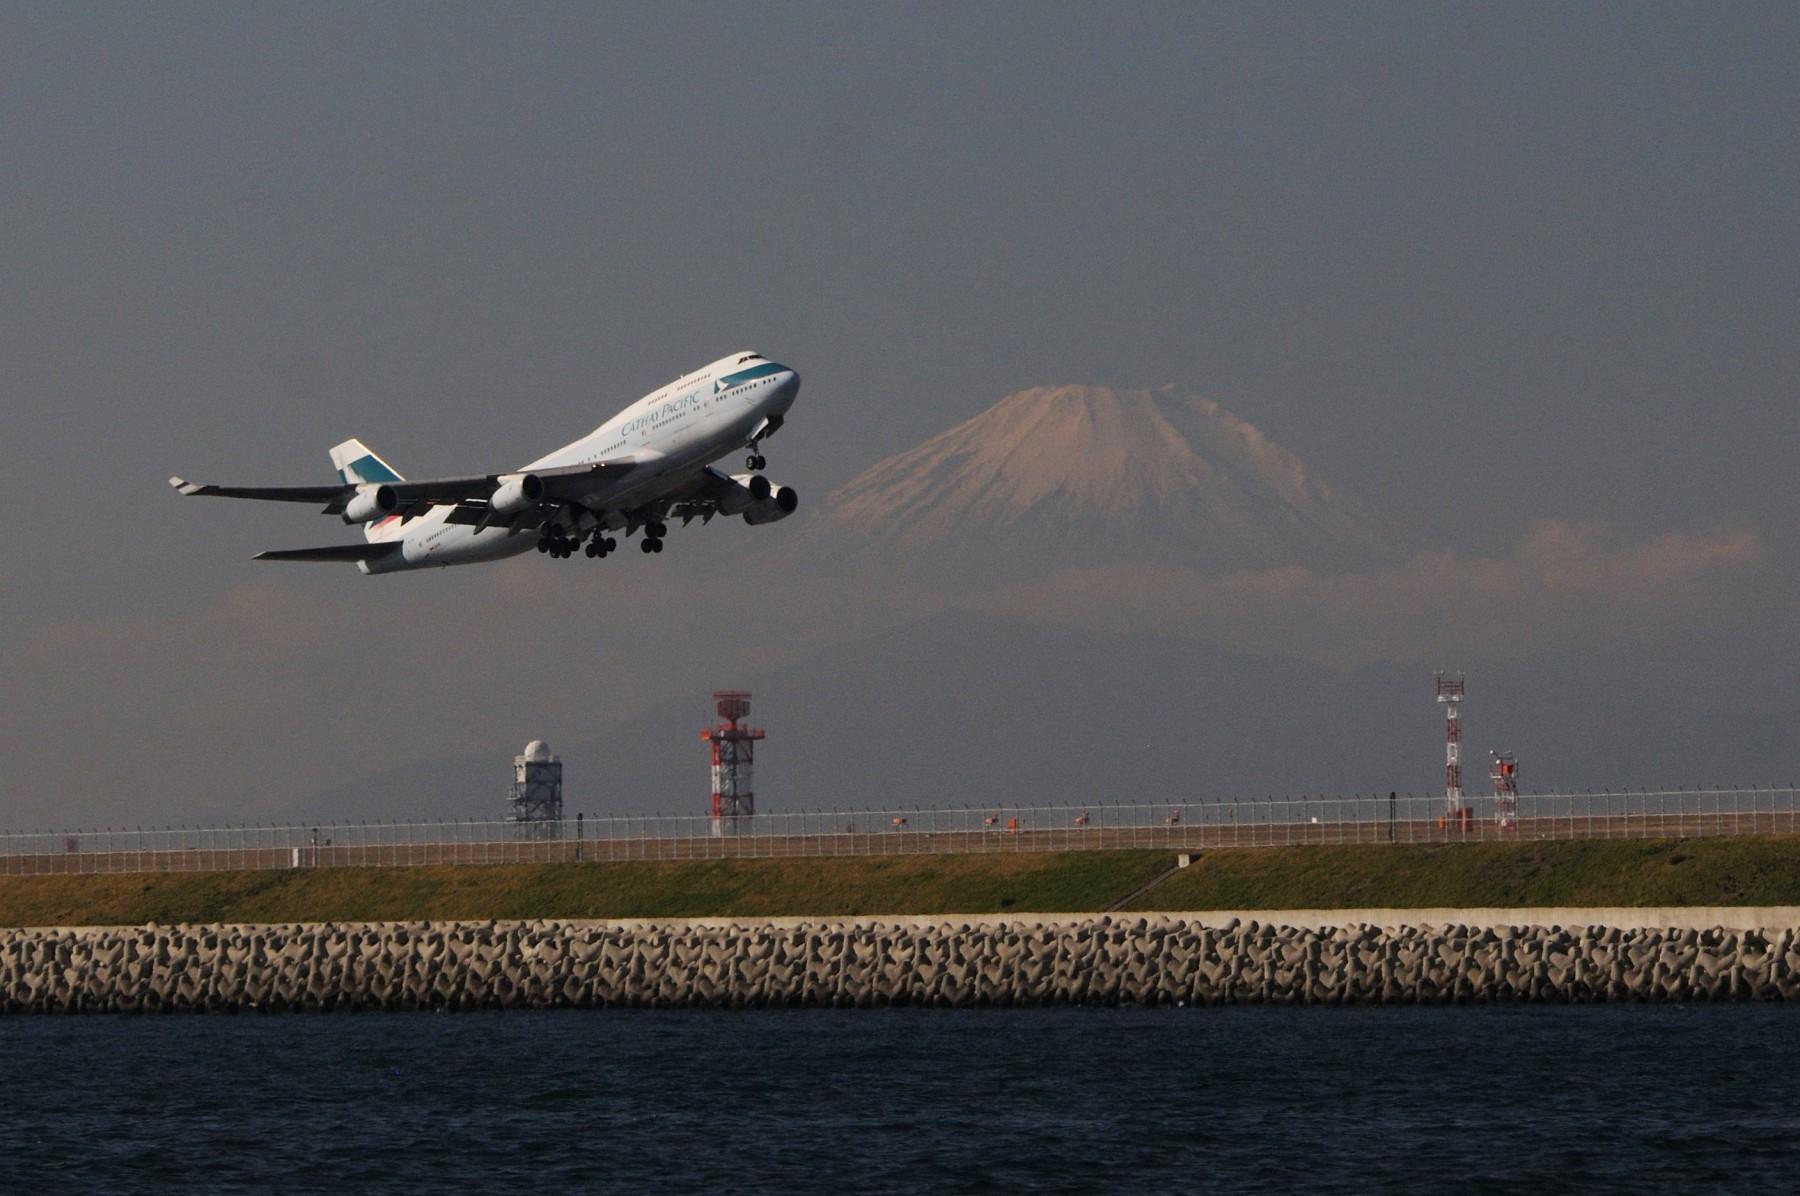 もうすぐ見納めキャセイパシフィック航空B747-400